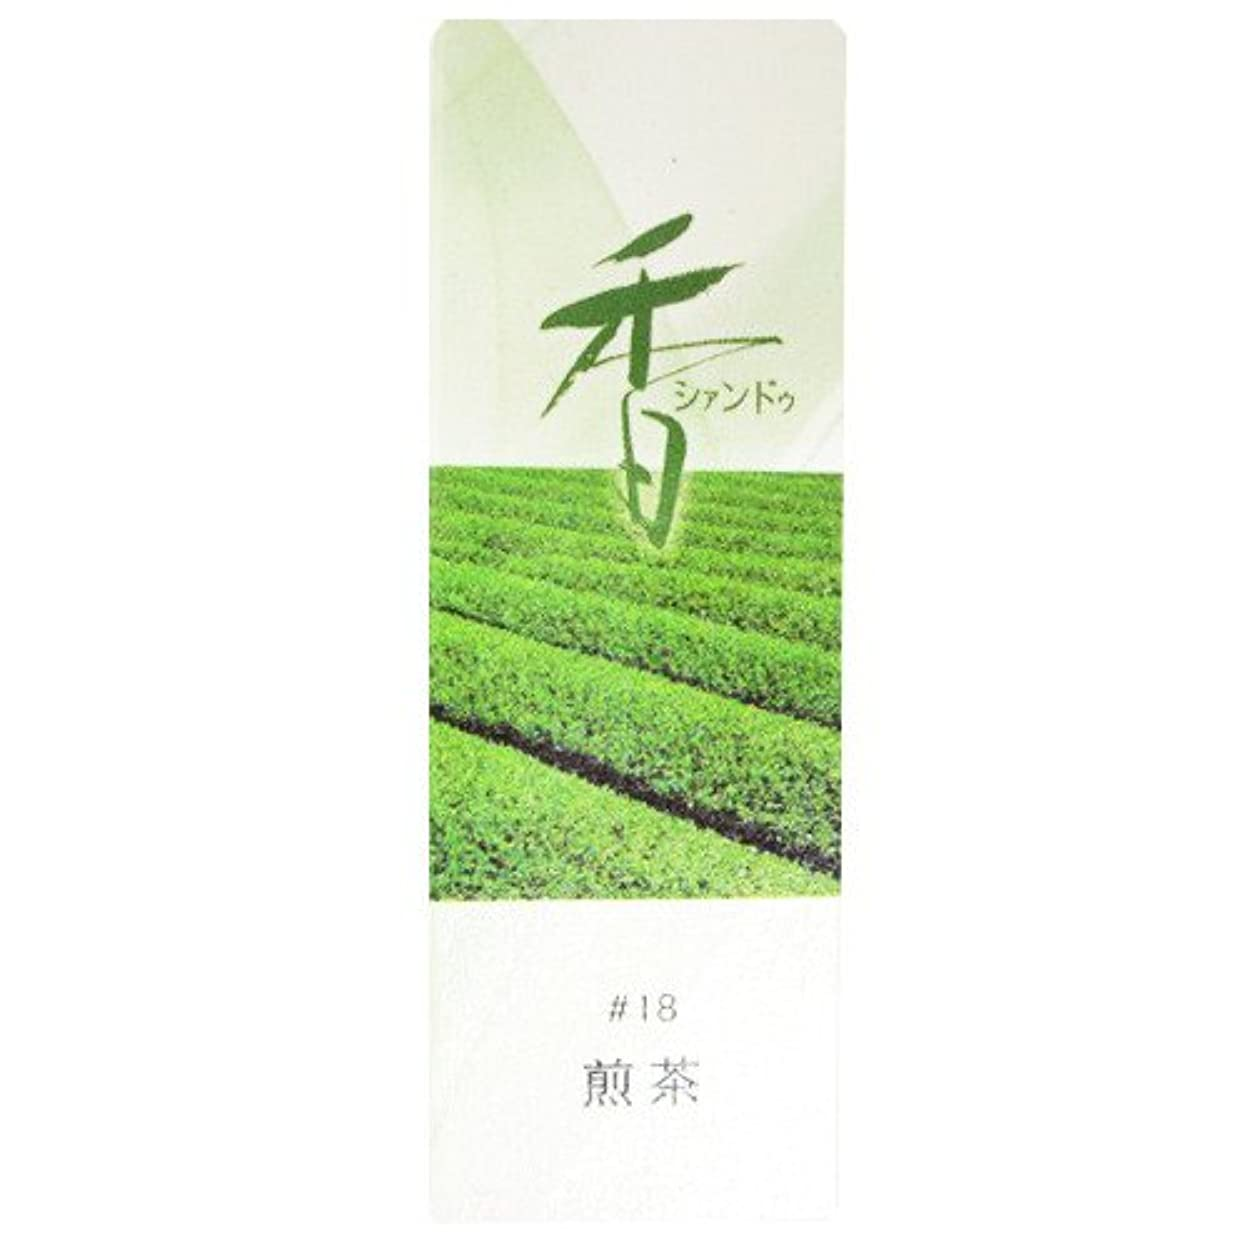 リダクター望み種をまく松栄堂のお香 Xiang Do(シャンドゥ) 煎茶 ST20本入 簡易香立付 #214218